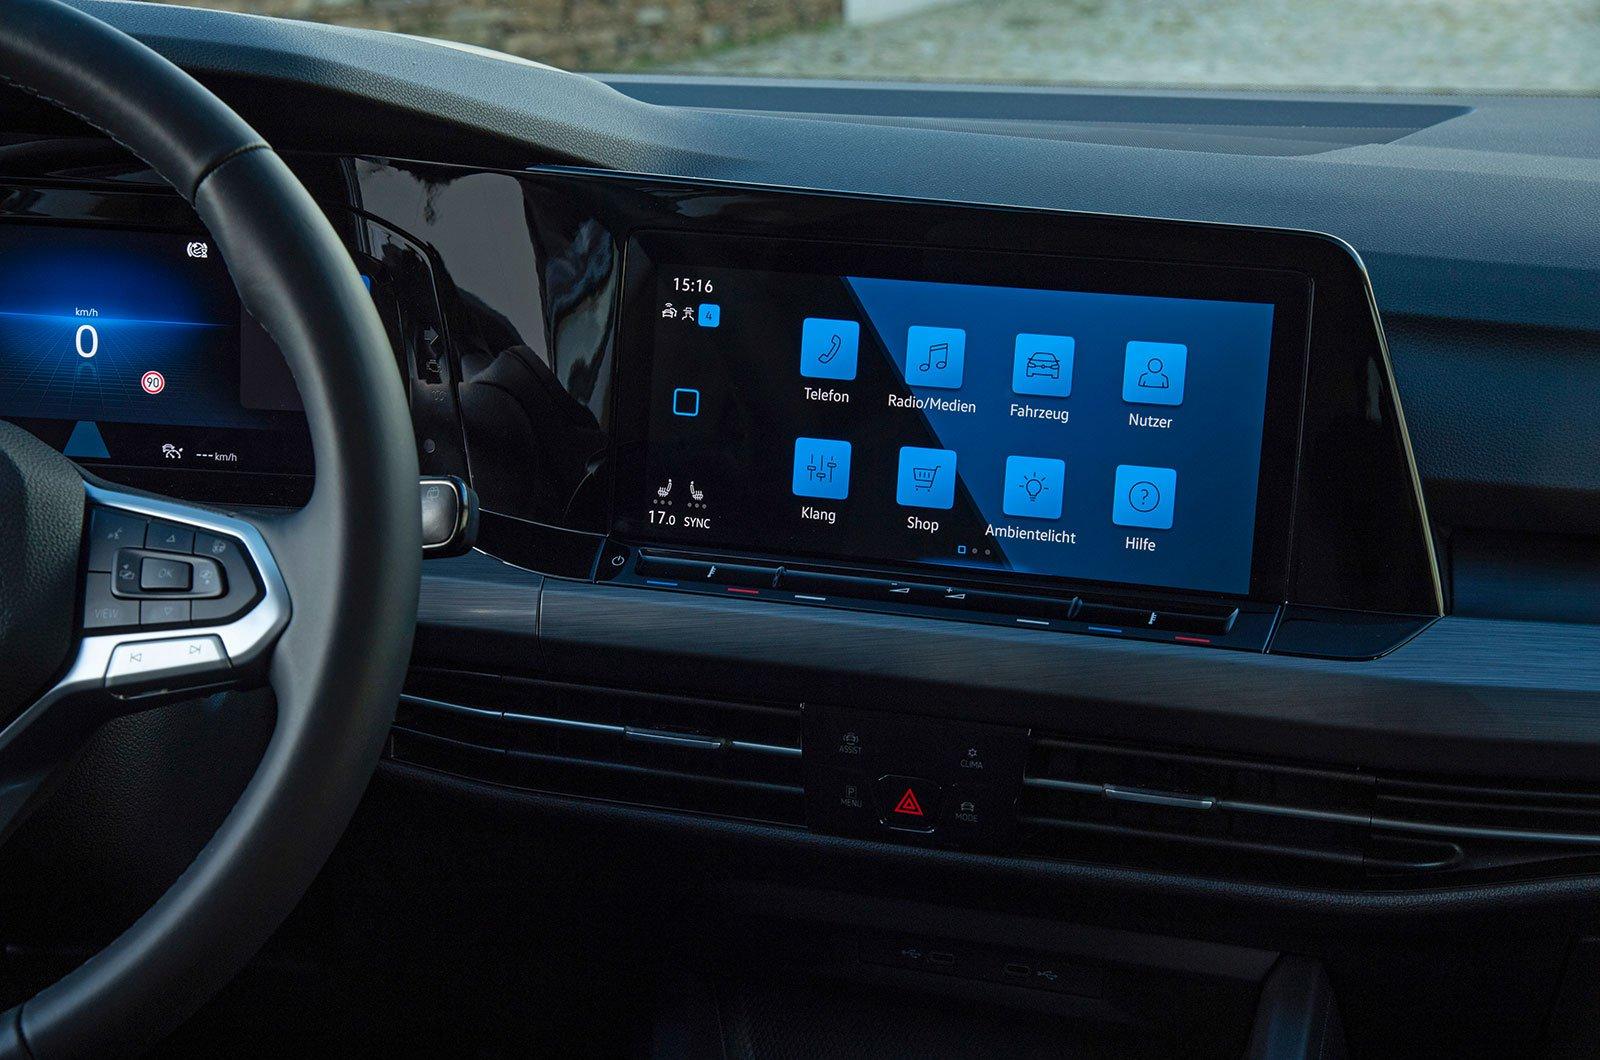 Volkswagen Golf Discover Pro Navigation system